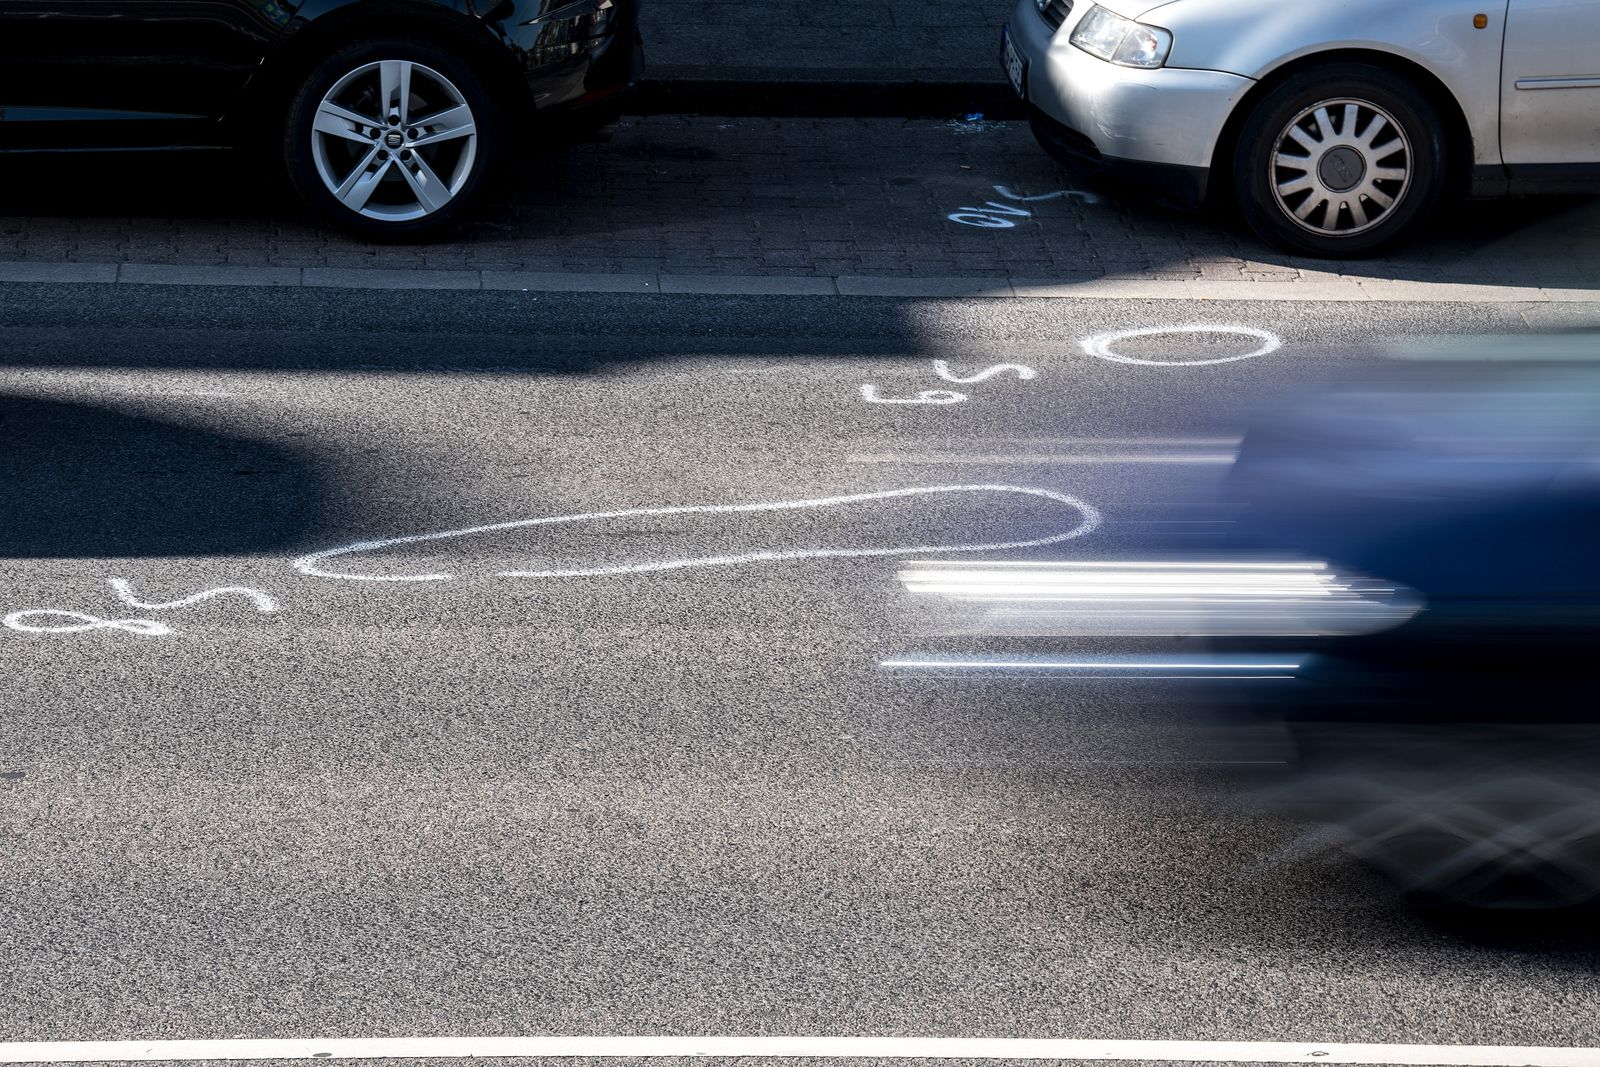 Tödlicher Unfall bei illegalem Autorennen in Mönchengladbach